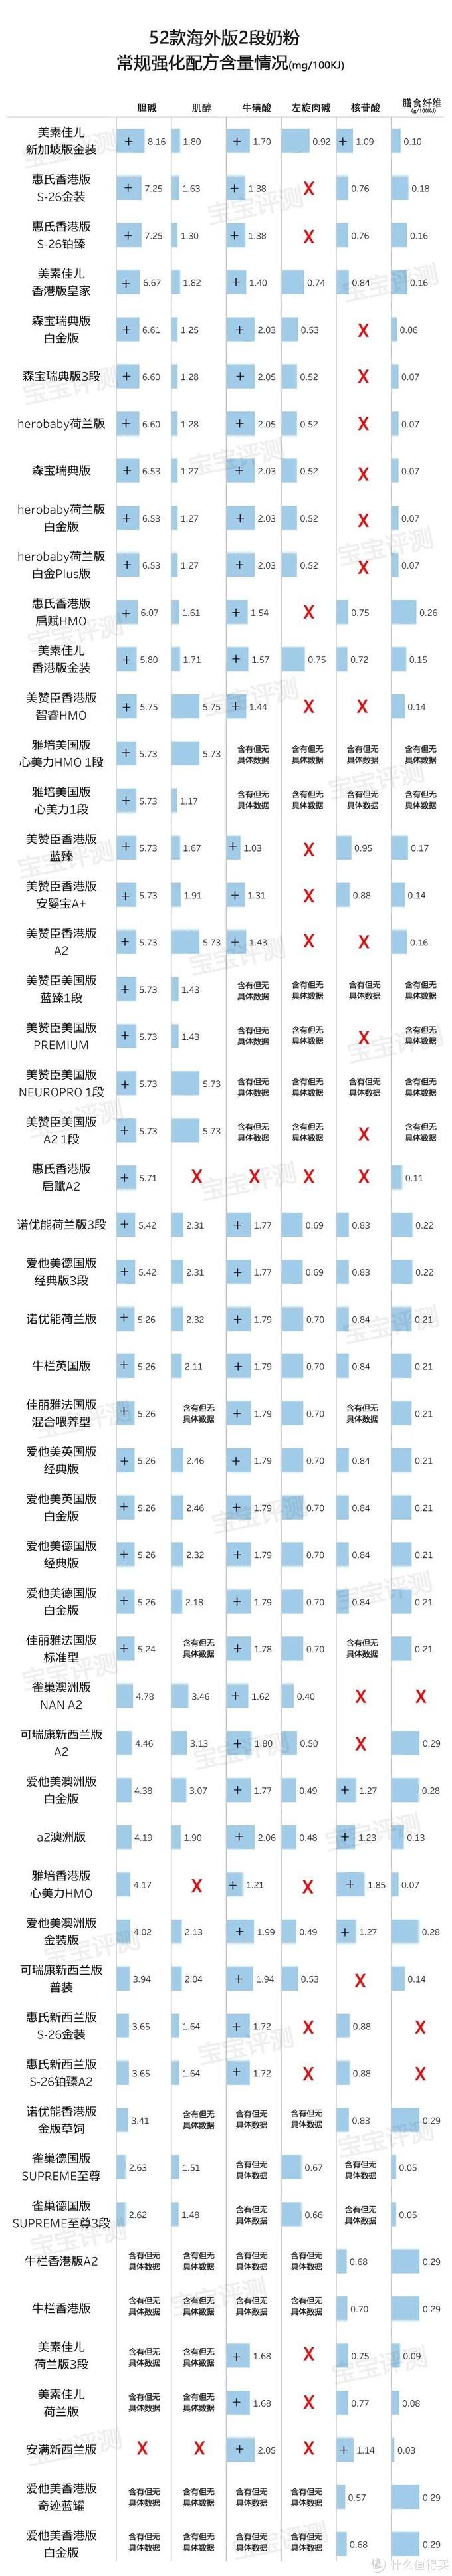 52款海外版2段奶粉评测(2020版):好的并不贵。